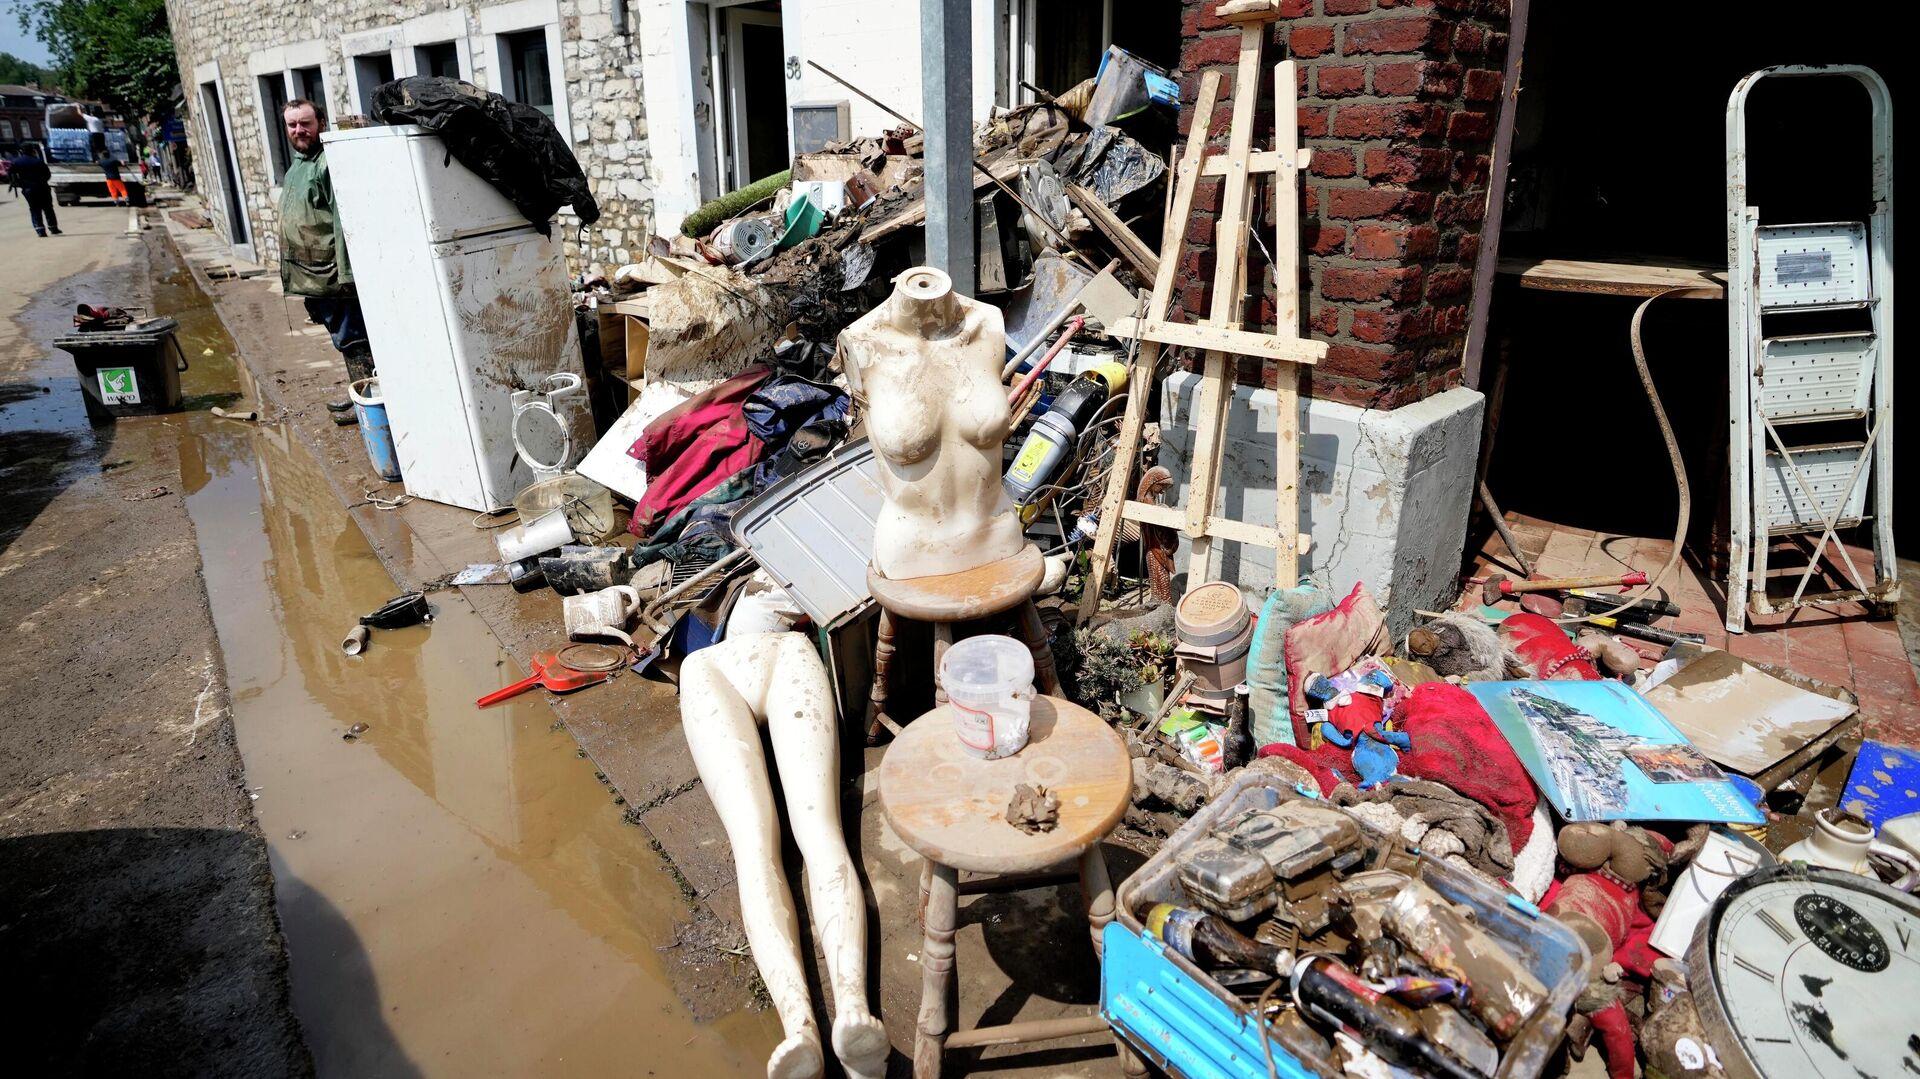 Поврежденные вещи после наводнения в Пепинстере, Бельгия - РИА Новости, 1920, 27.07.2021